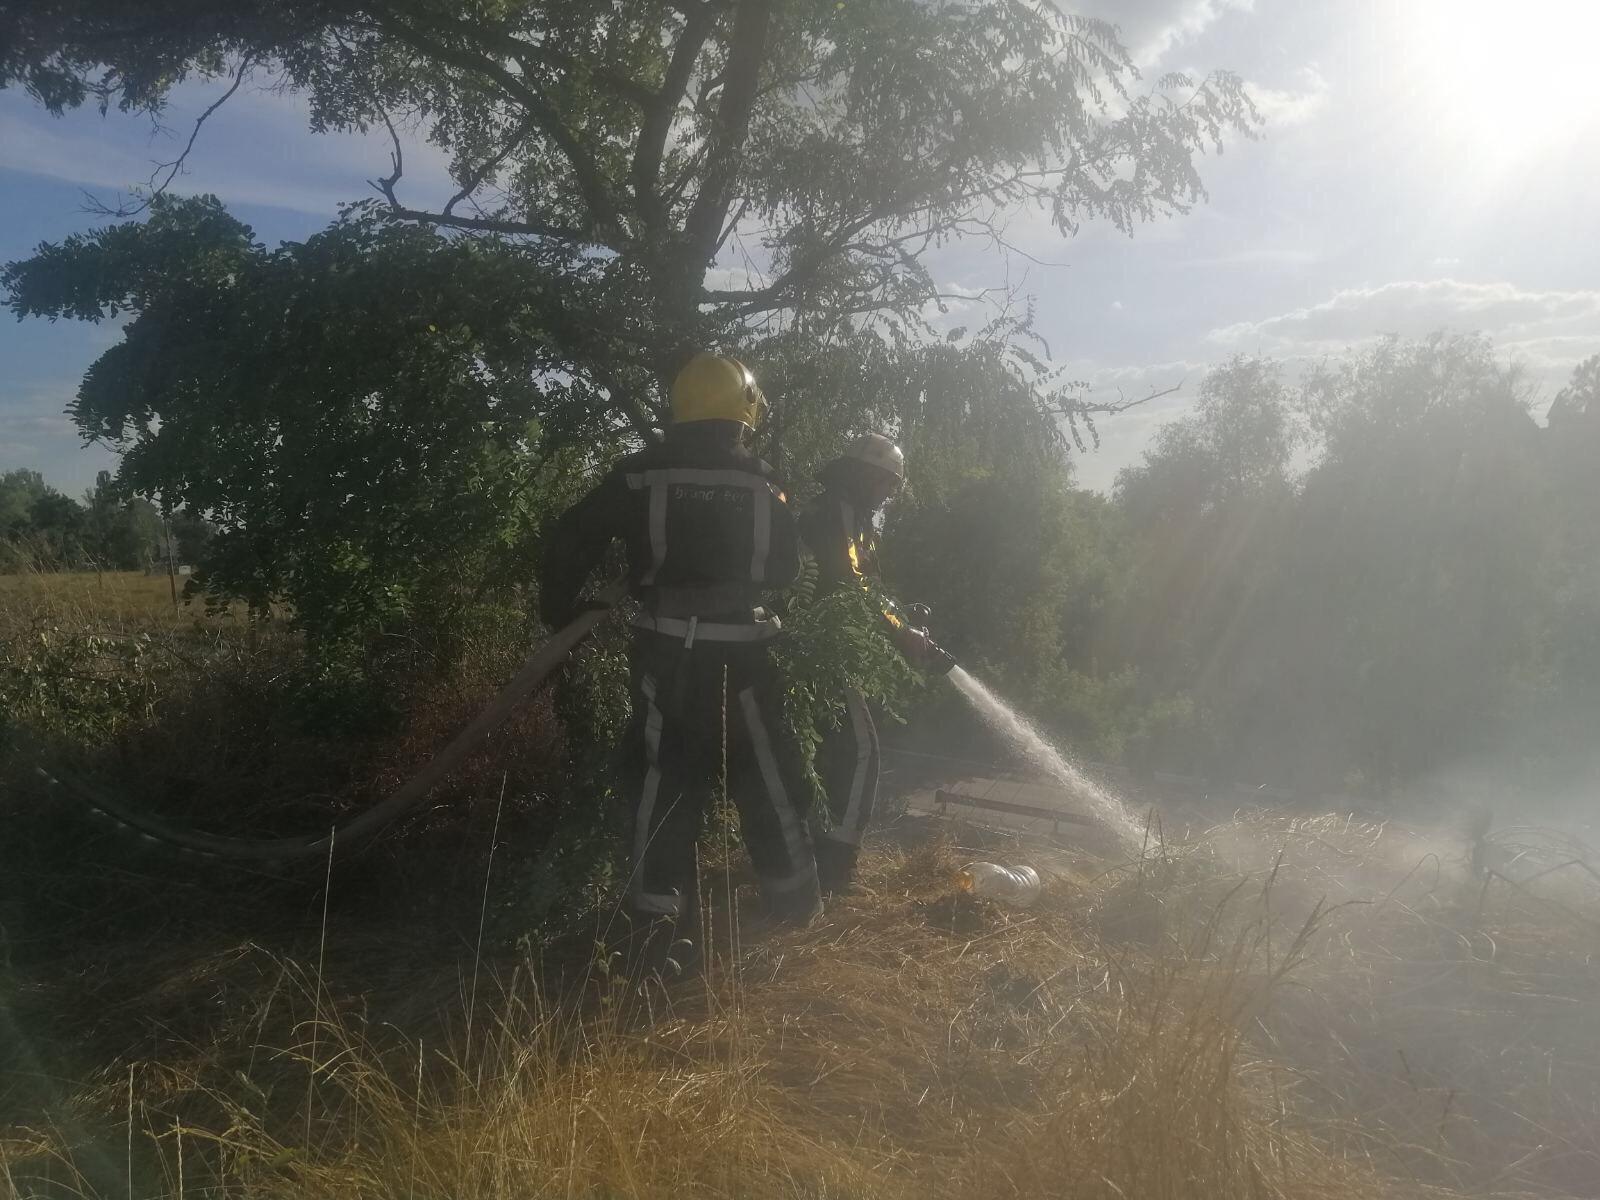 Підпали сухої трави перетворюються на рукотворне стихійне лихо - рятувальники -  - IMG 0956